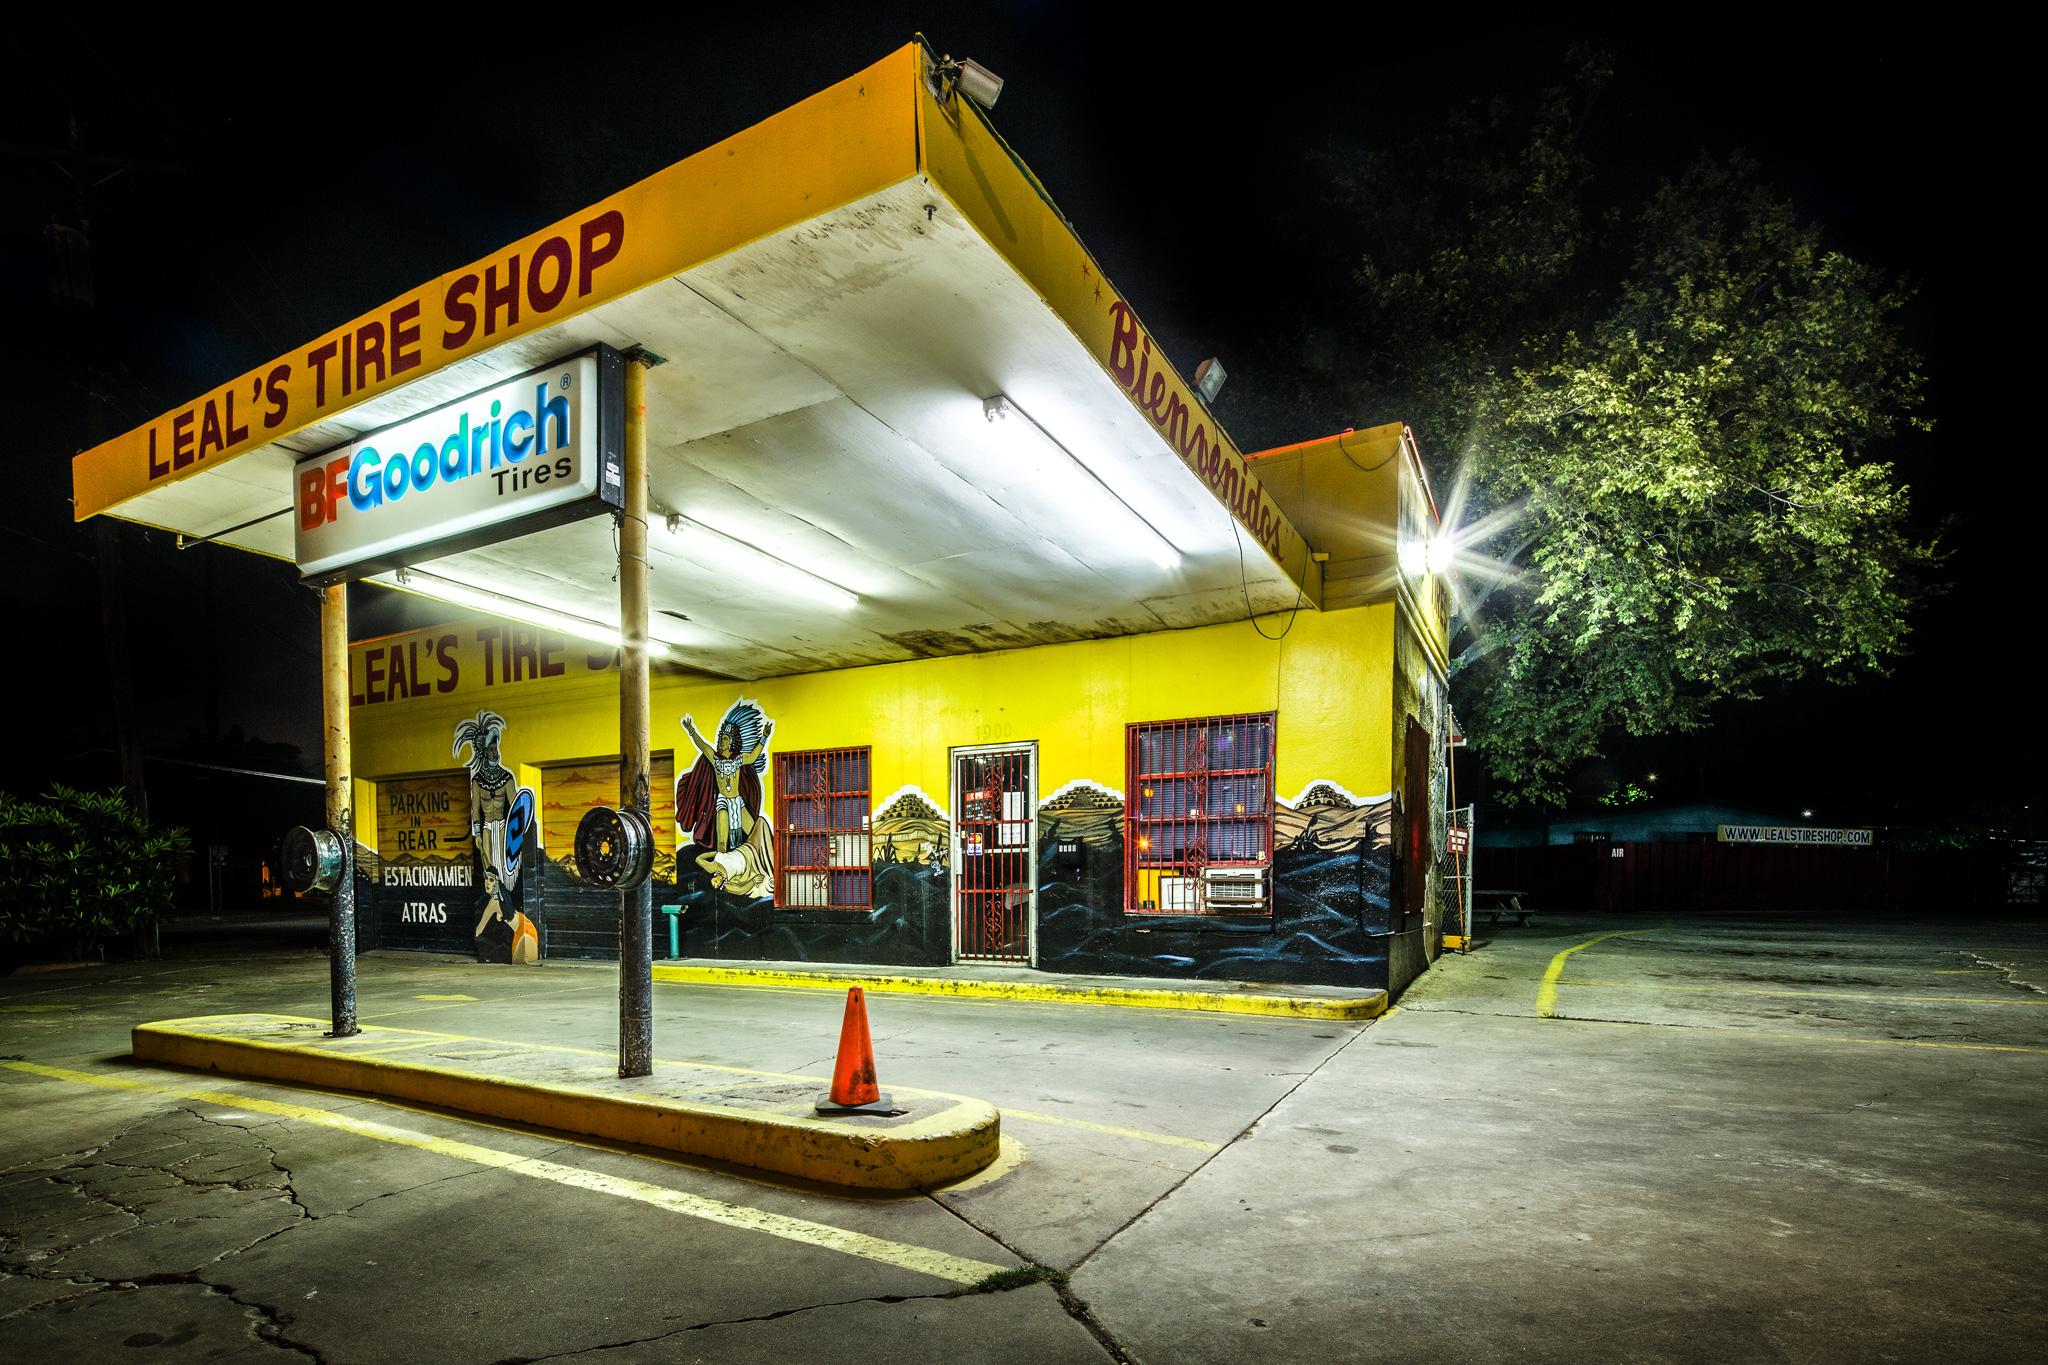 Leal's Tire Shop - Color